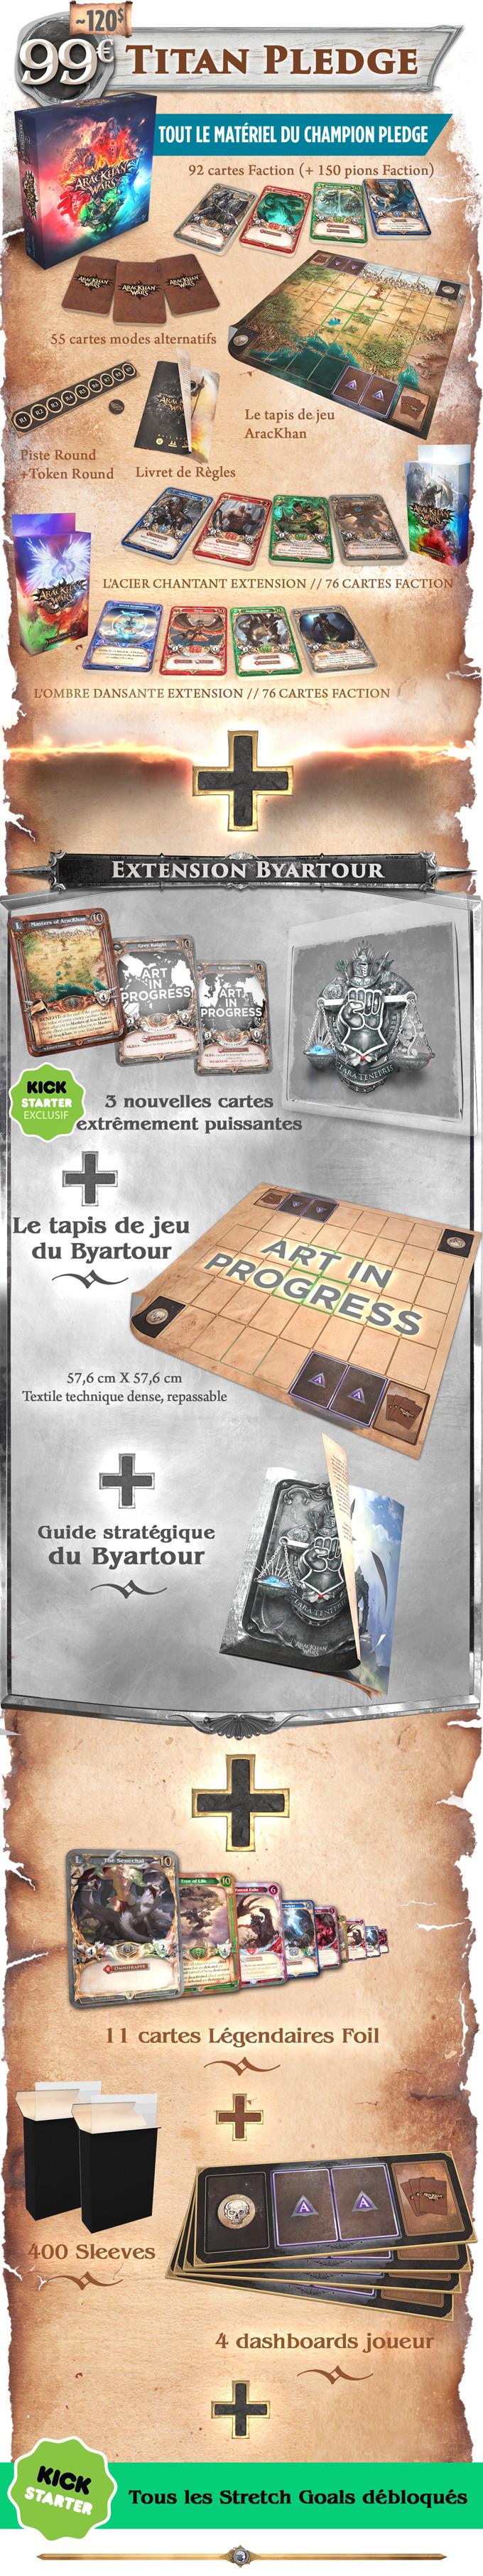 PledgeC-[fr].jpg